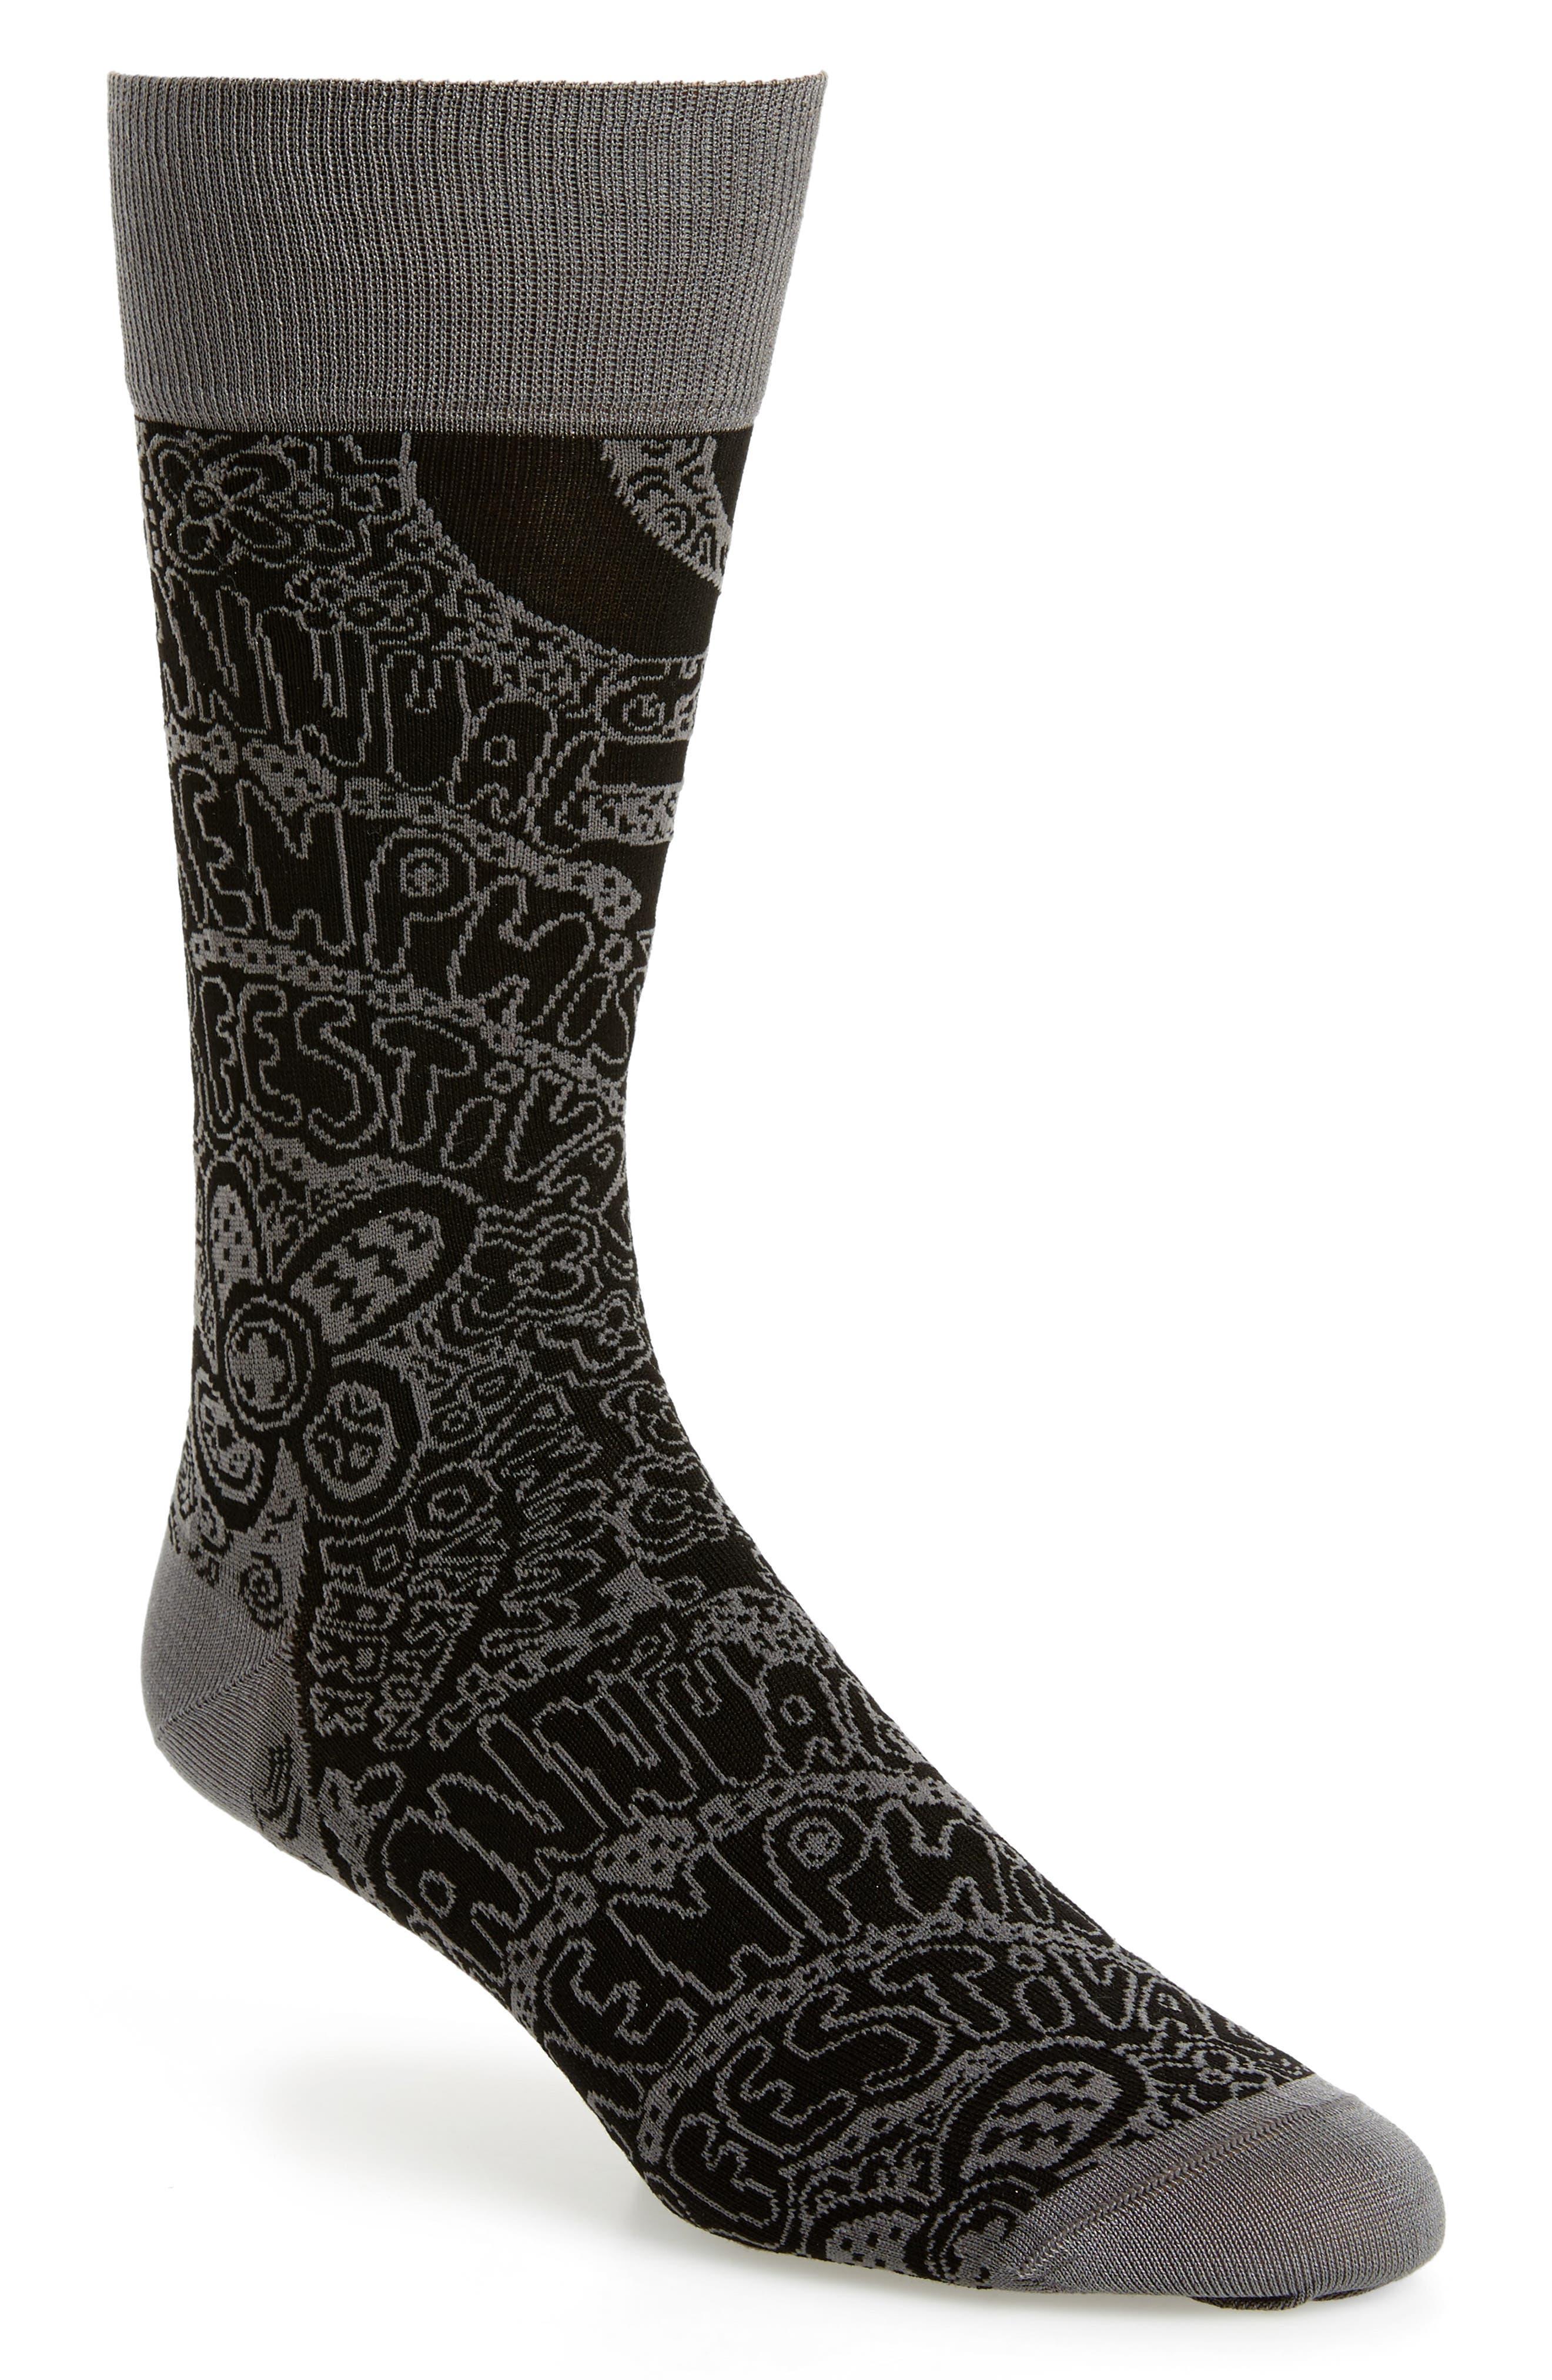 Mercerized Cotton Blend Socks,                             Main thumbnail 1, color,                             001